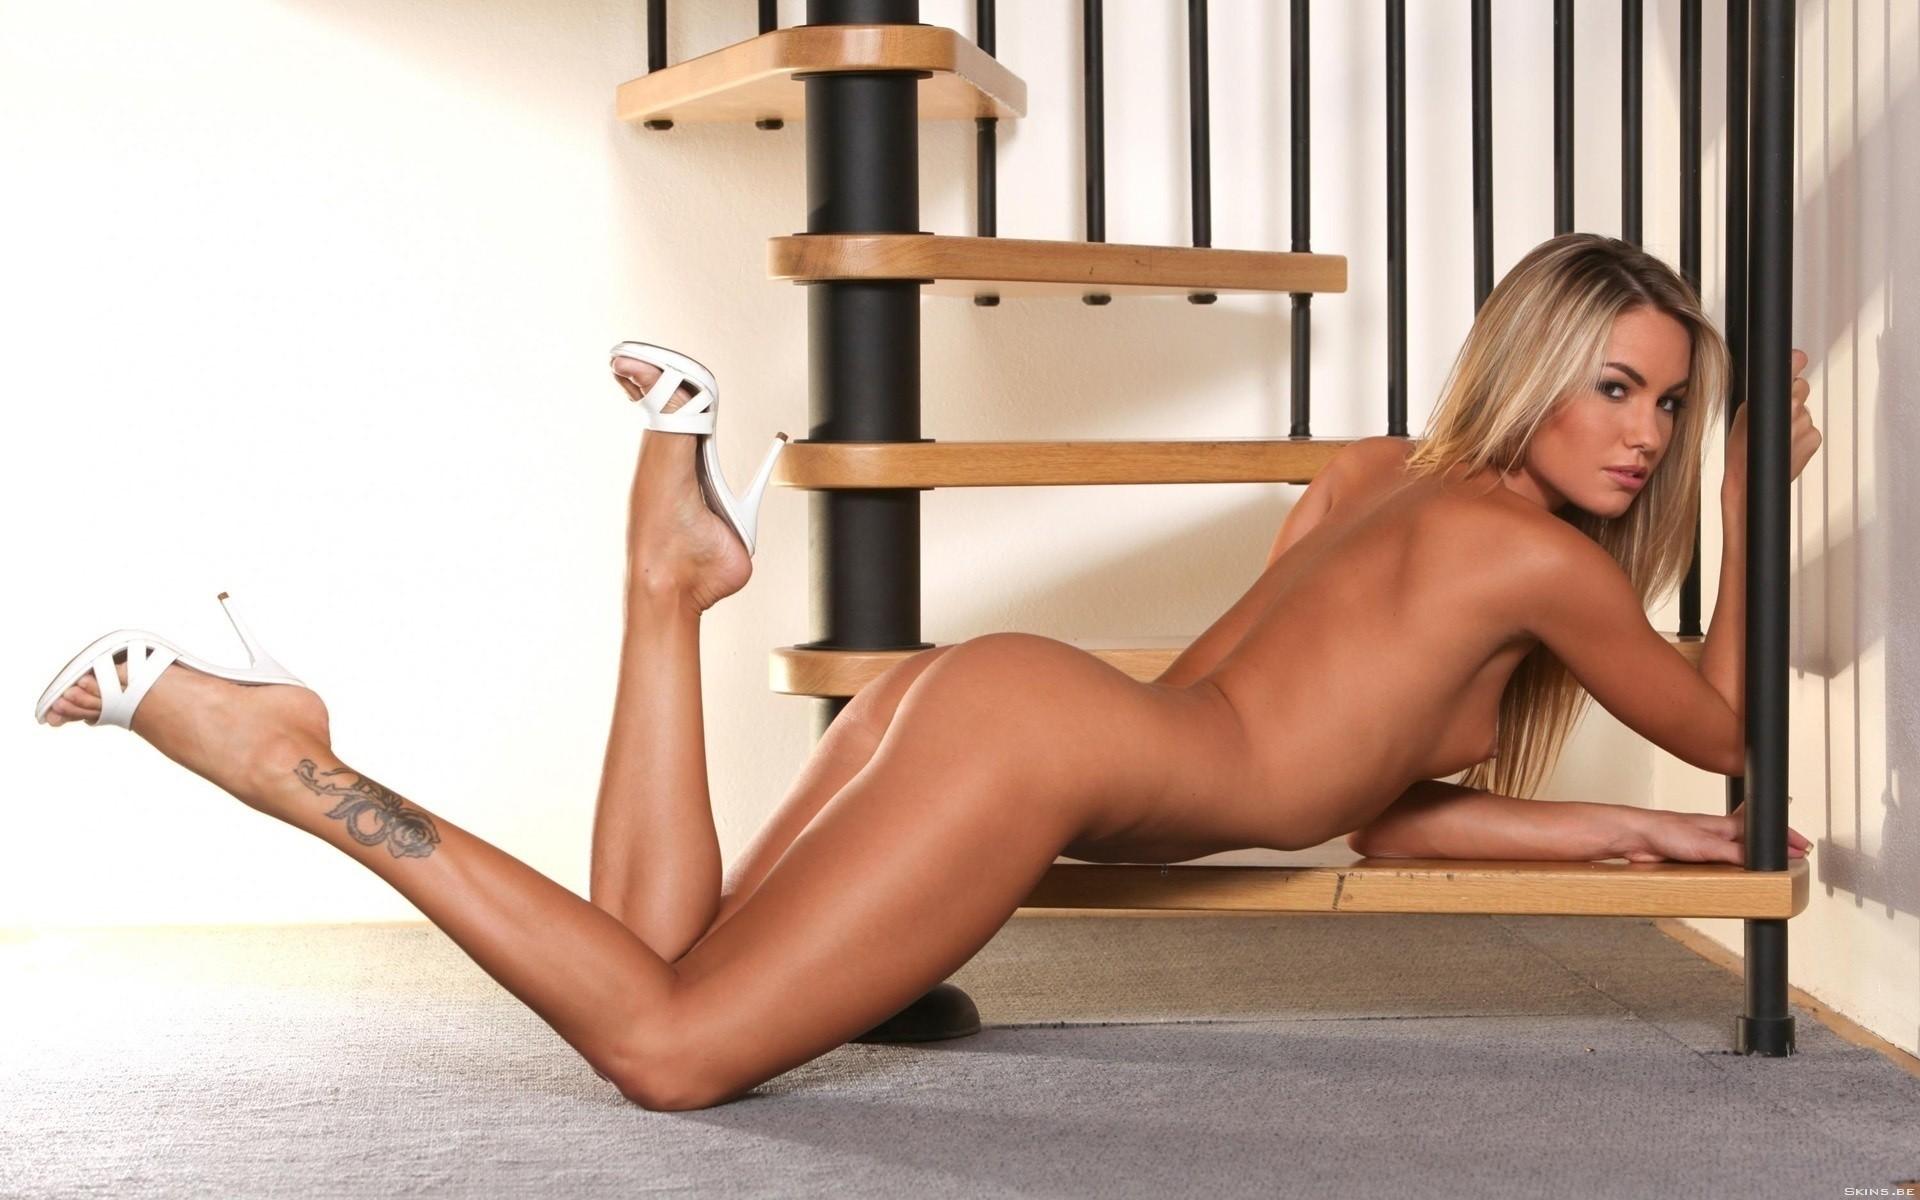 усилилось, глупая голые девки на каблуках в контакте русская девушка